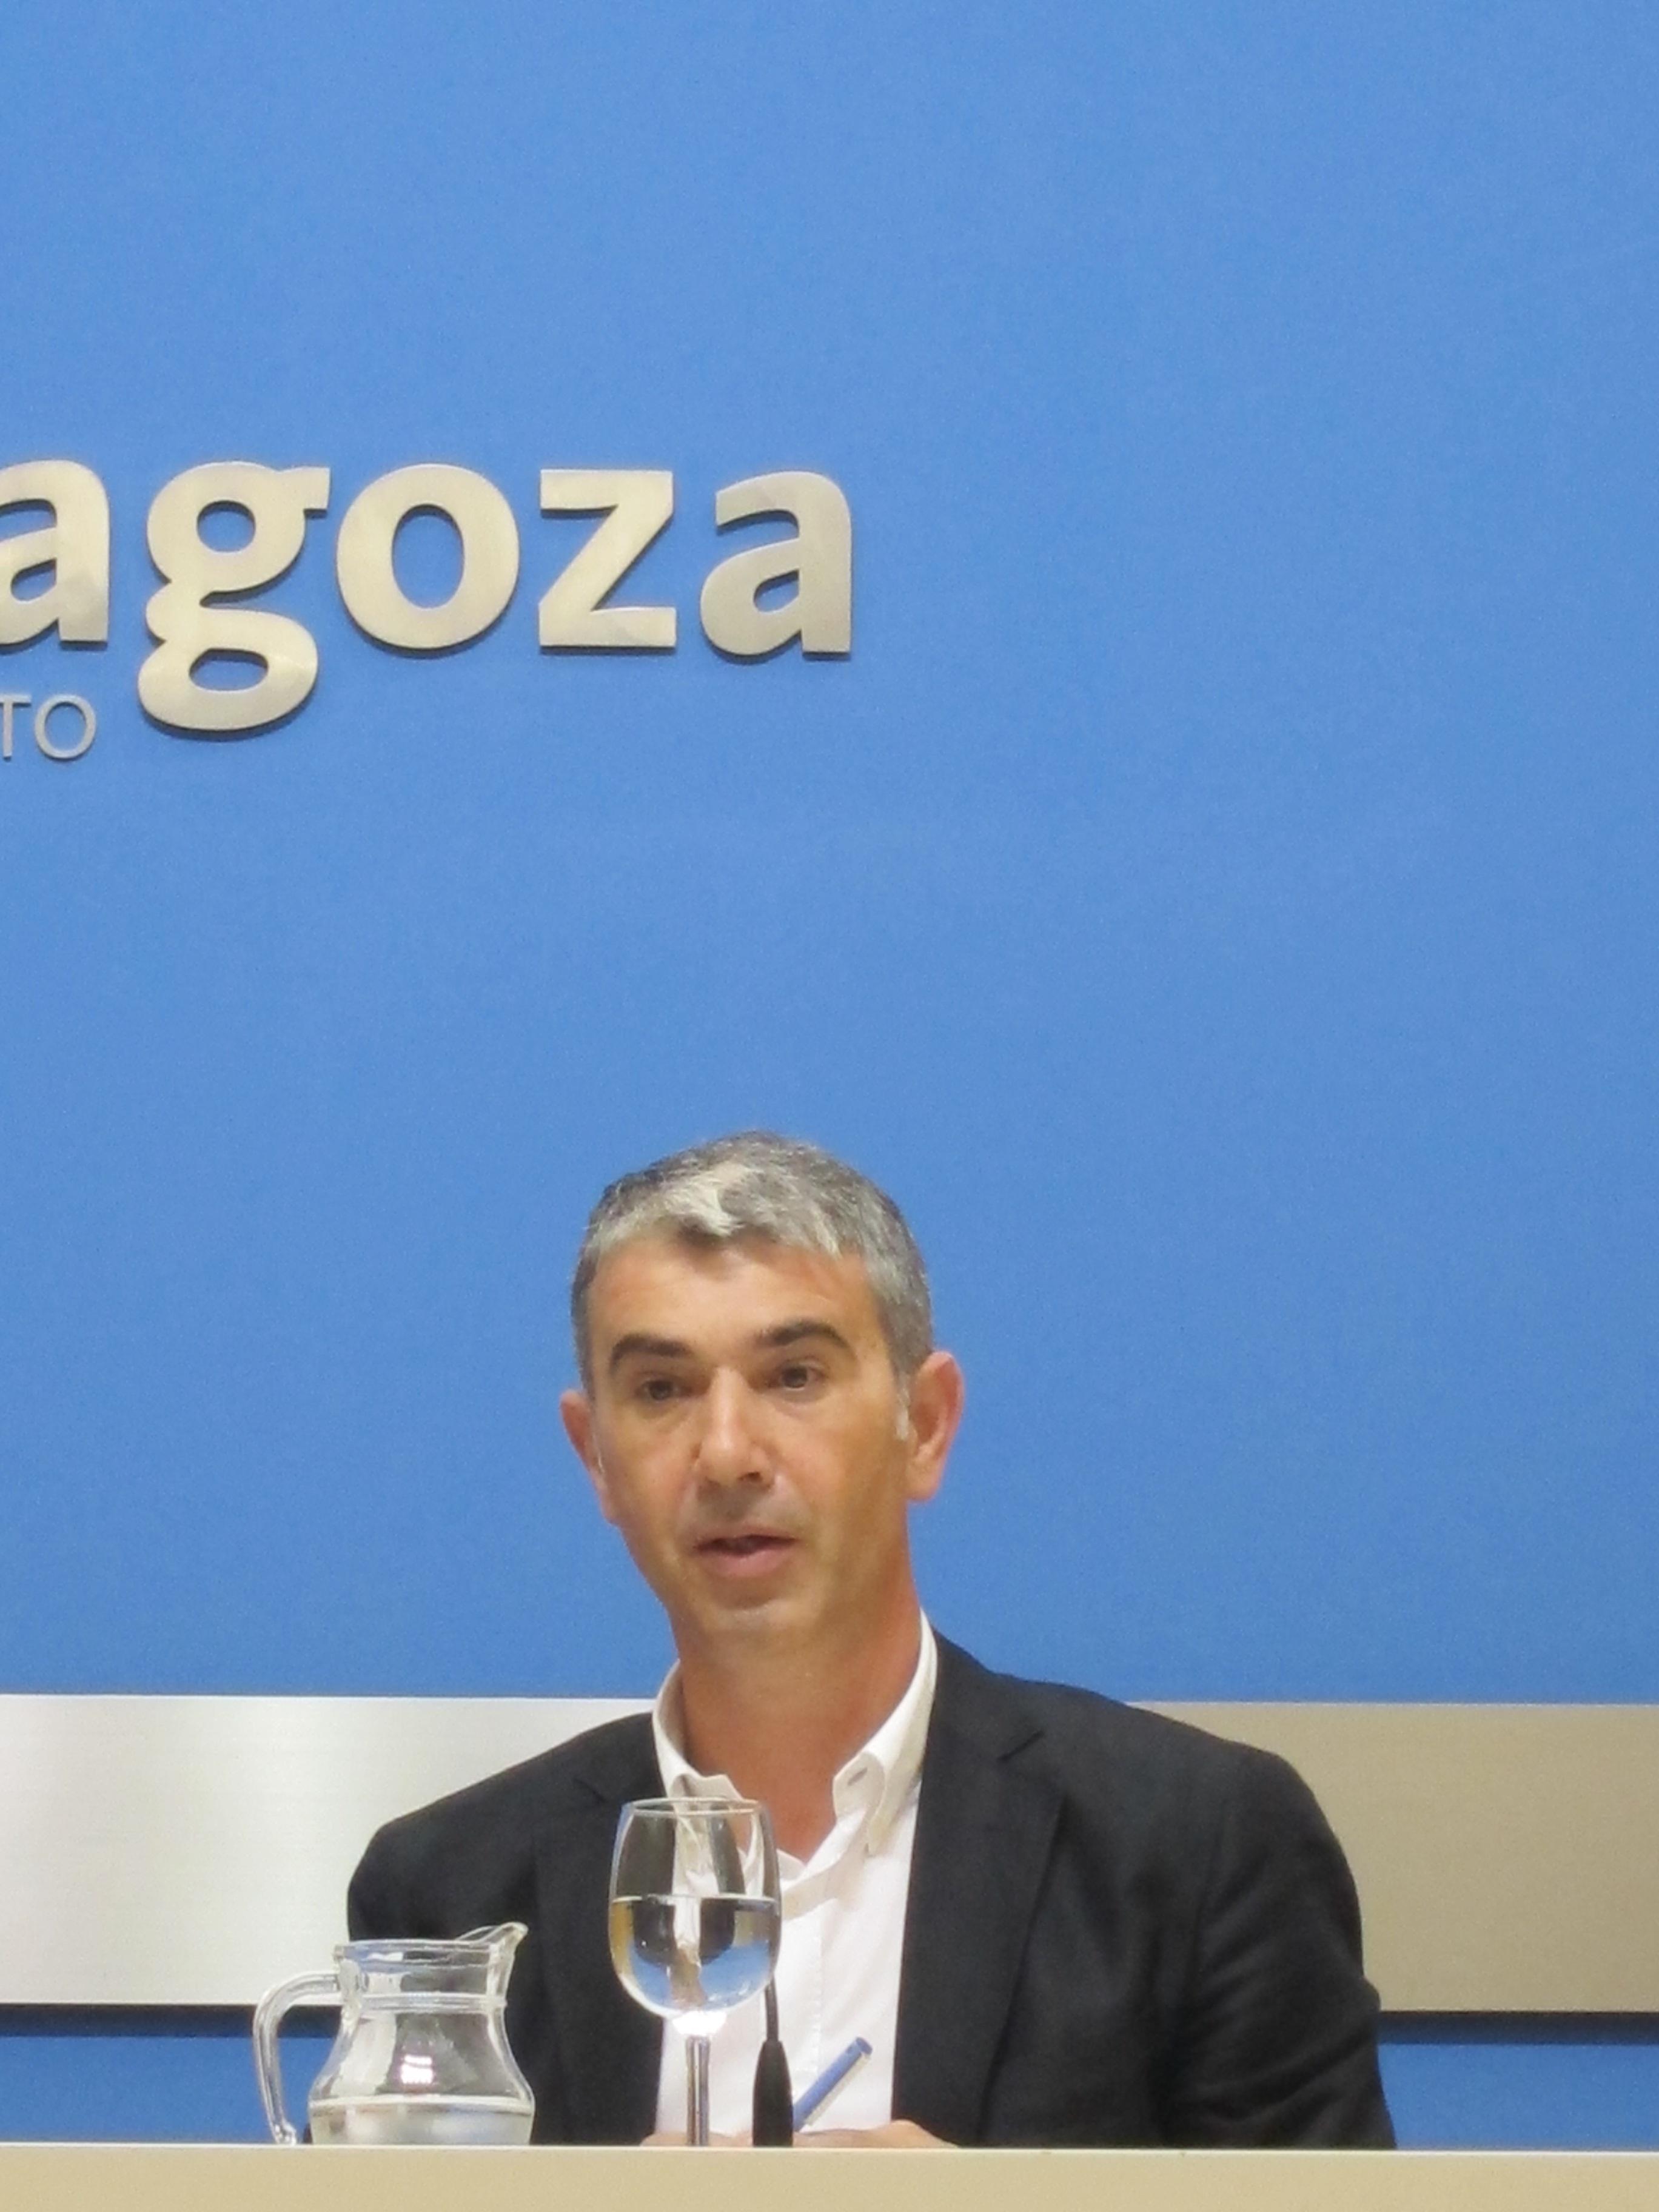 CHA detecta exceso de ansiedad en Suárez (PP) y le insta a que diga si quiere negociar